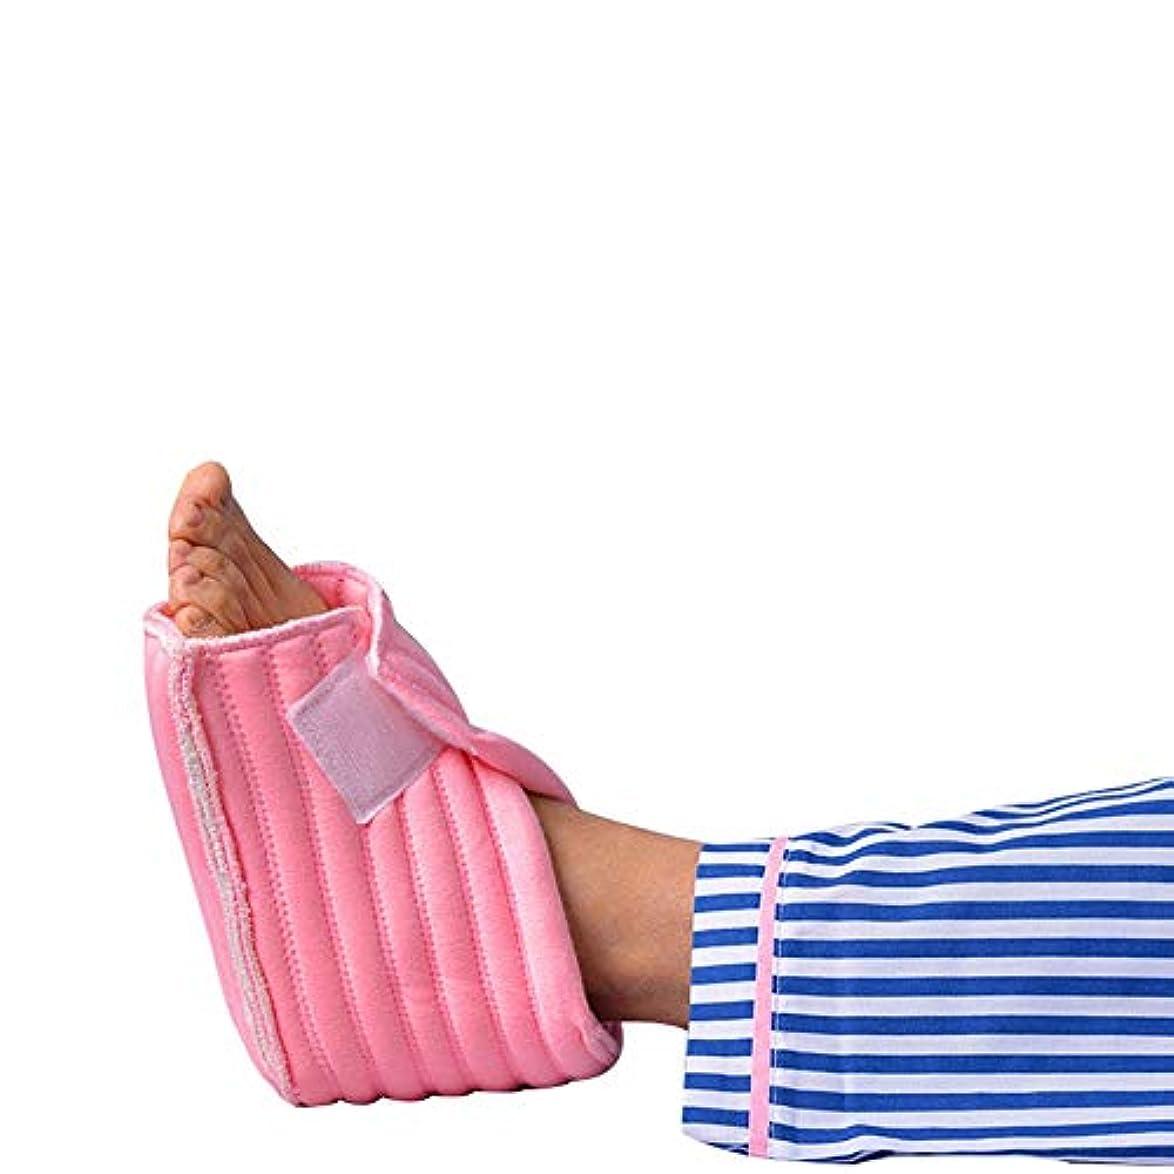 眠る布通行料金ヒールクッションプロテクター、一対の足枕かかと褥瘡をパッド通気性水分吸上コア